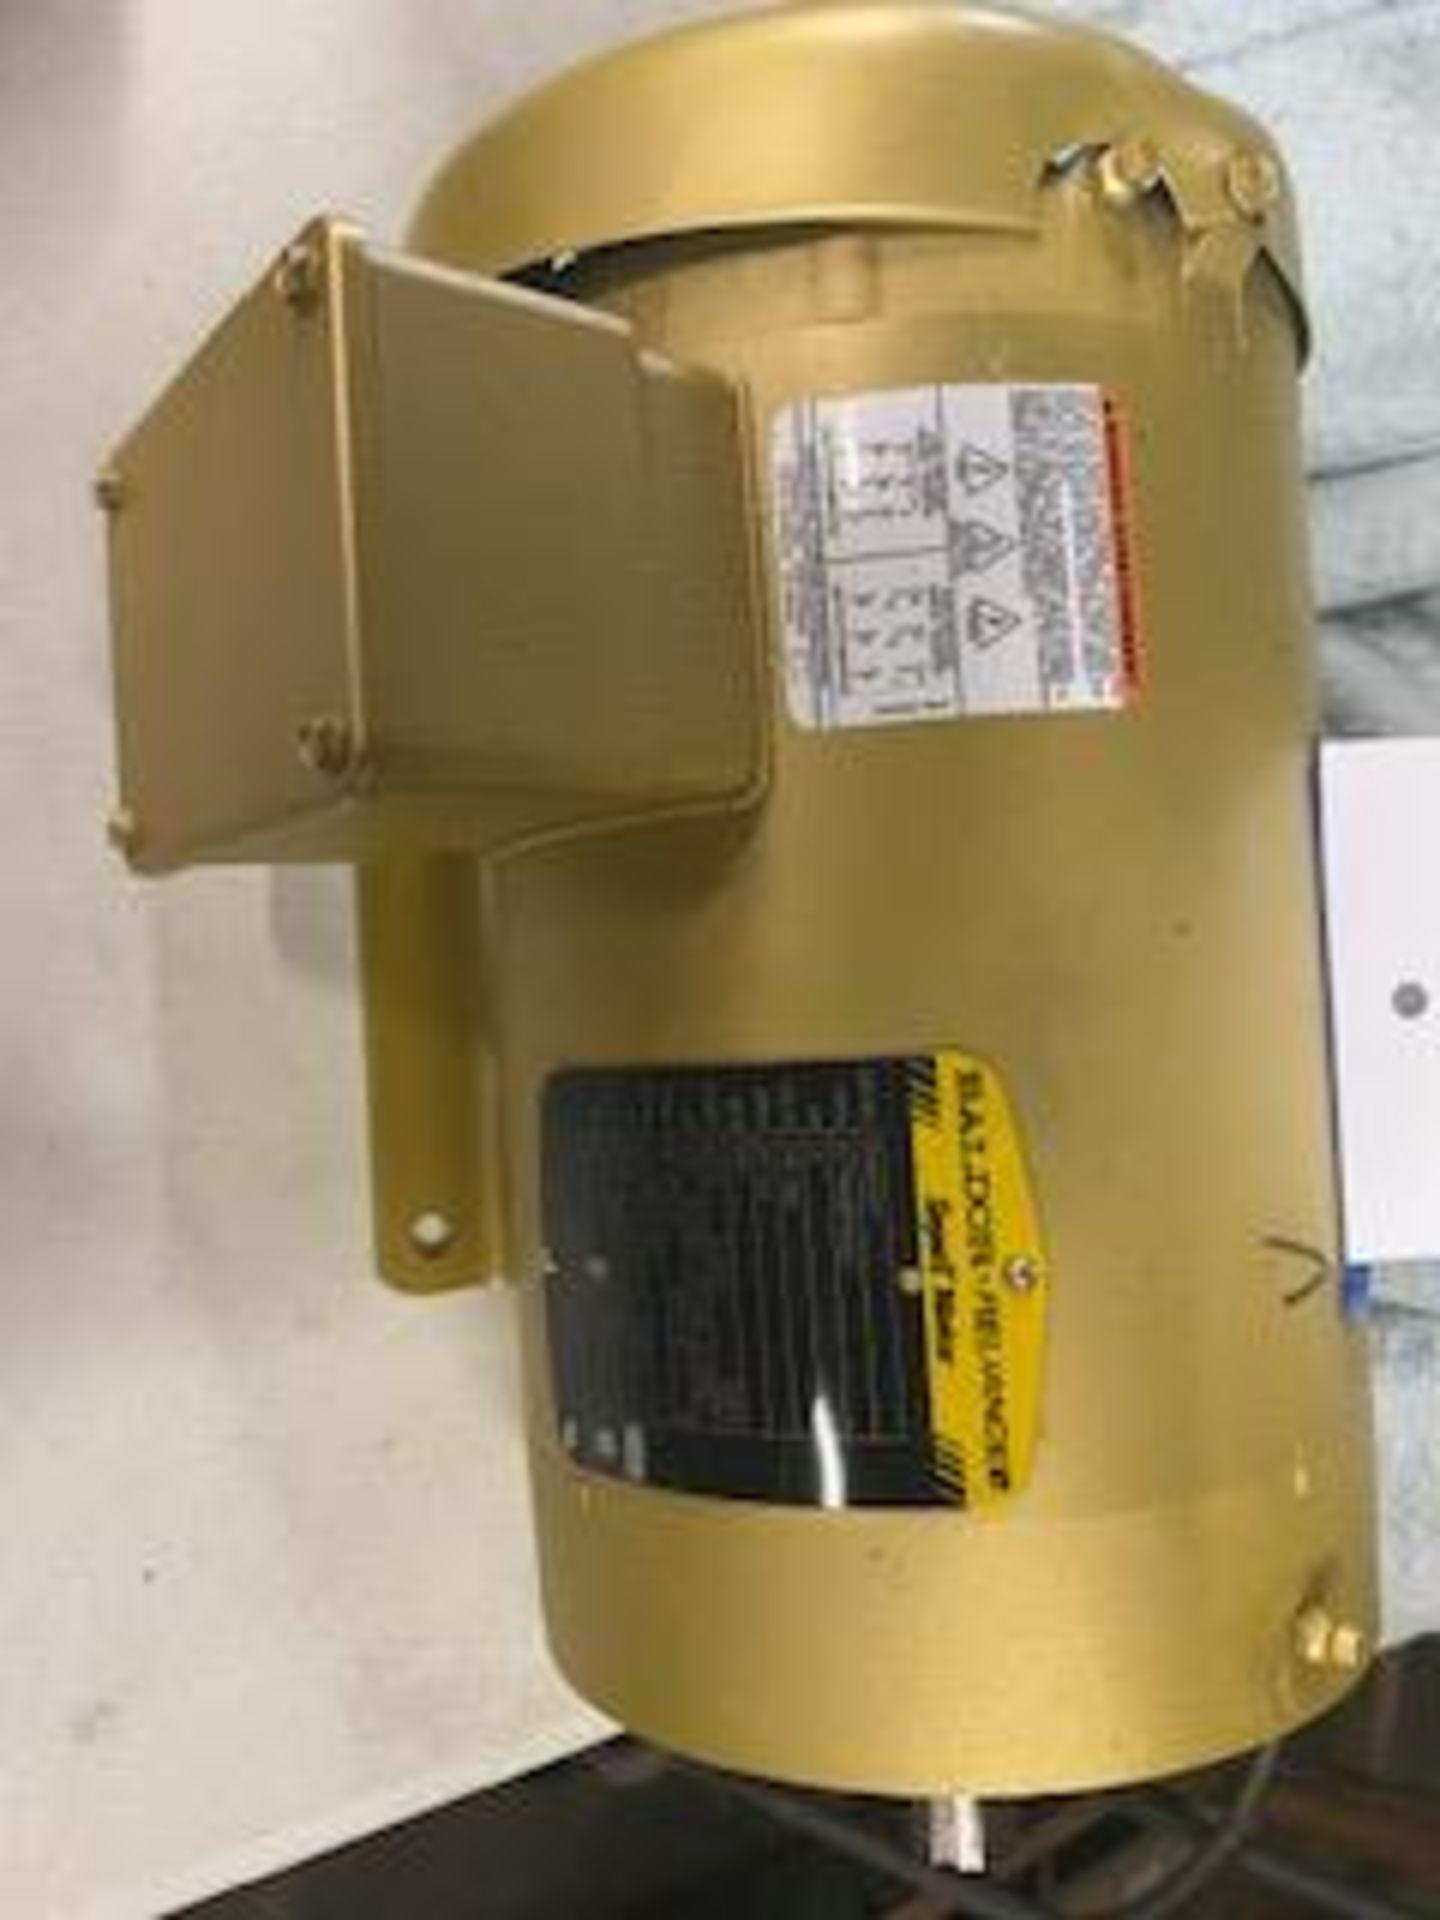 Lot 234 - 1.5 hp 3ph